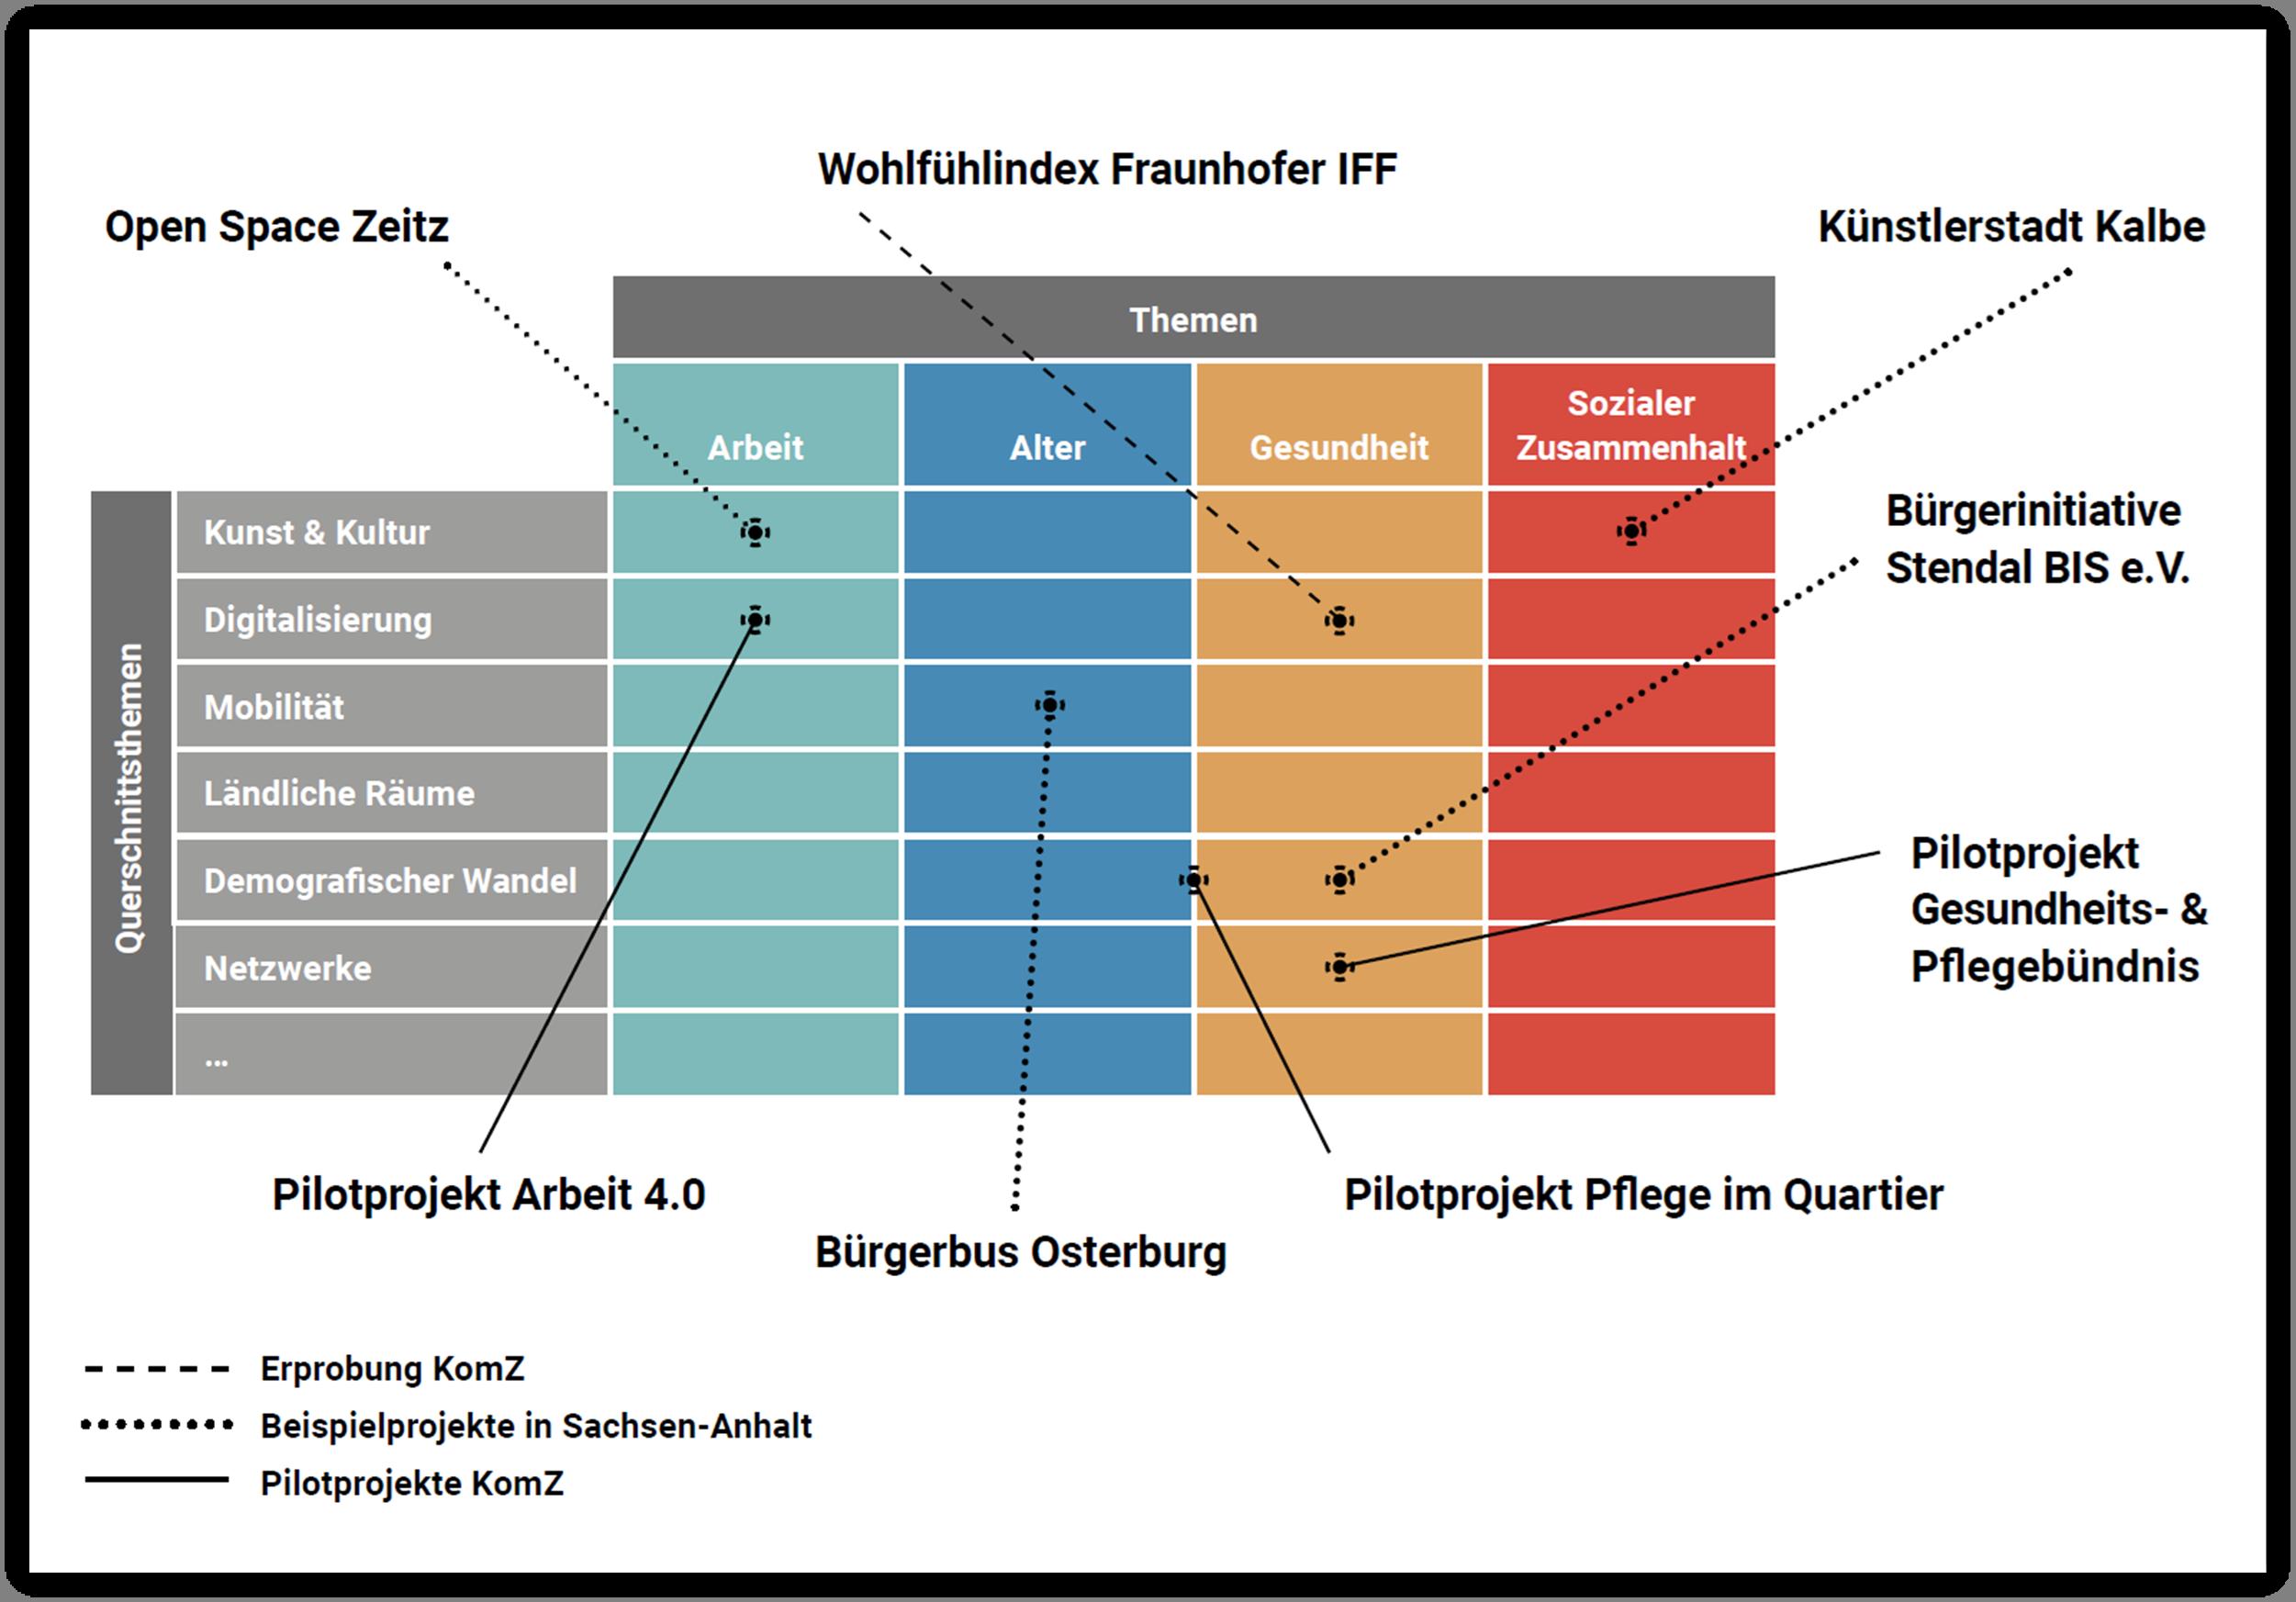 Übersichtsmatrix der Arbeitsweise und Bereiche des KomZ